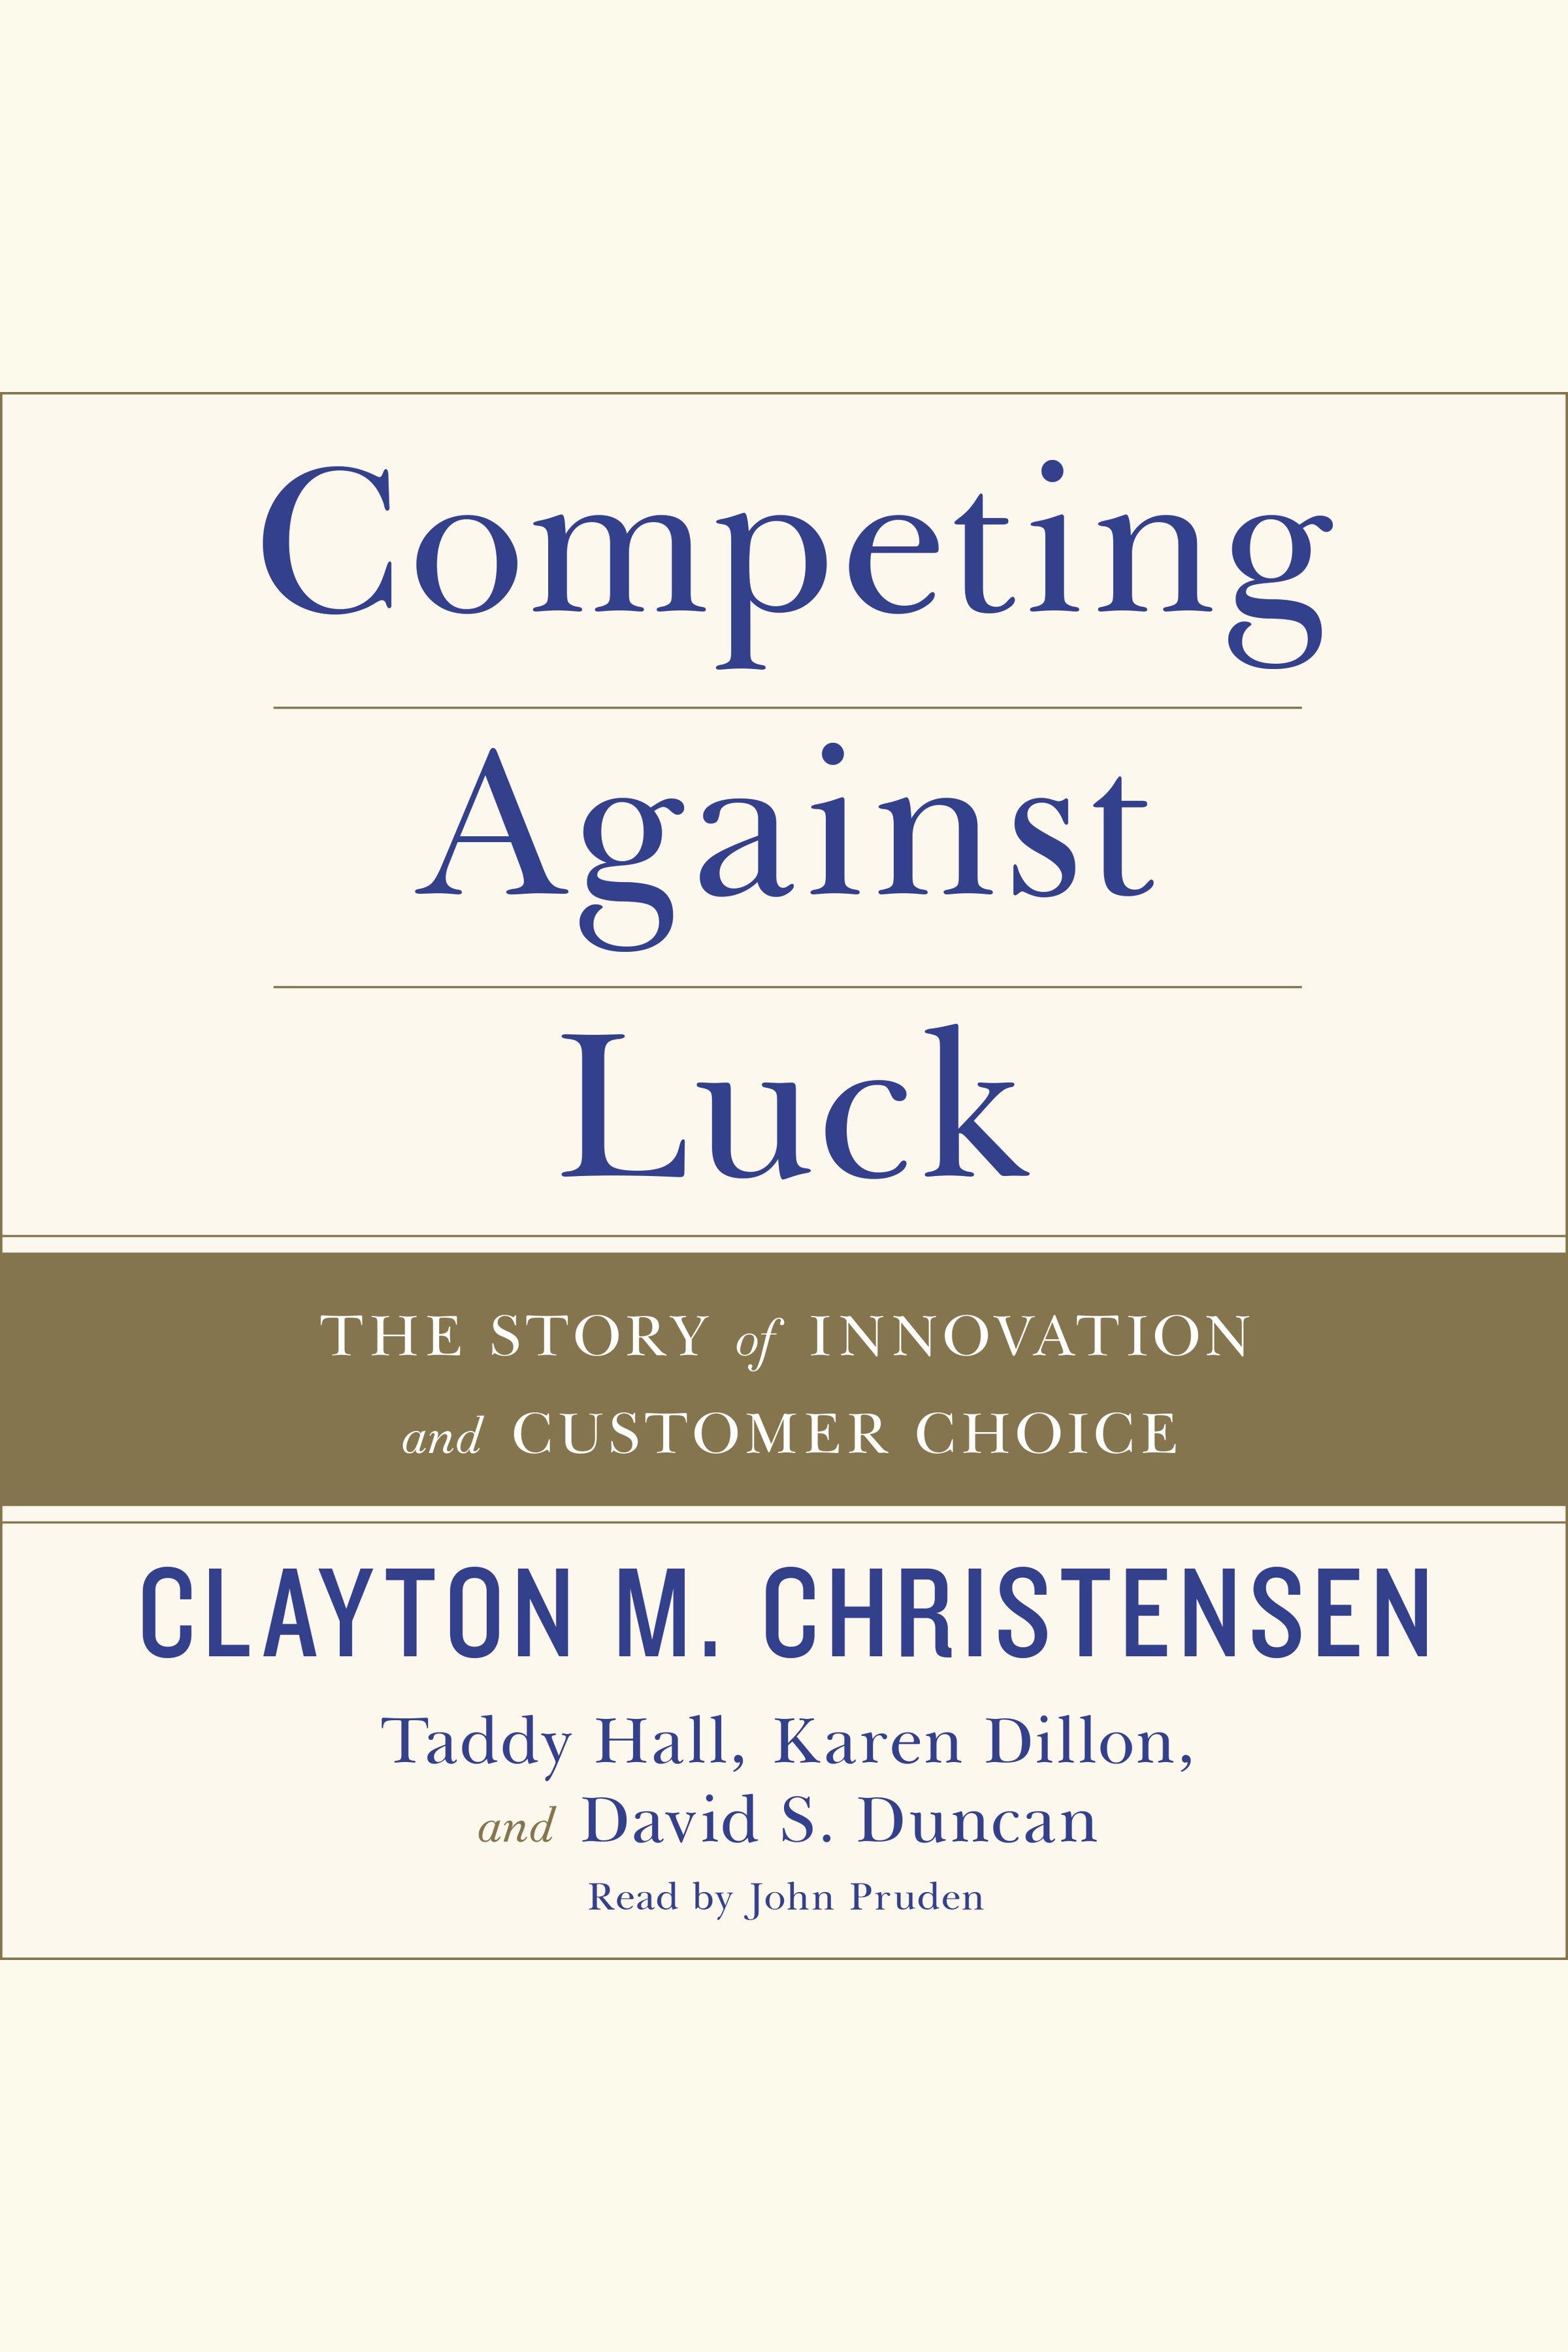 Esta es la portada del audiolibro Competing Against Luck